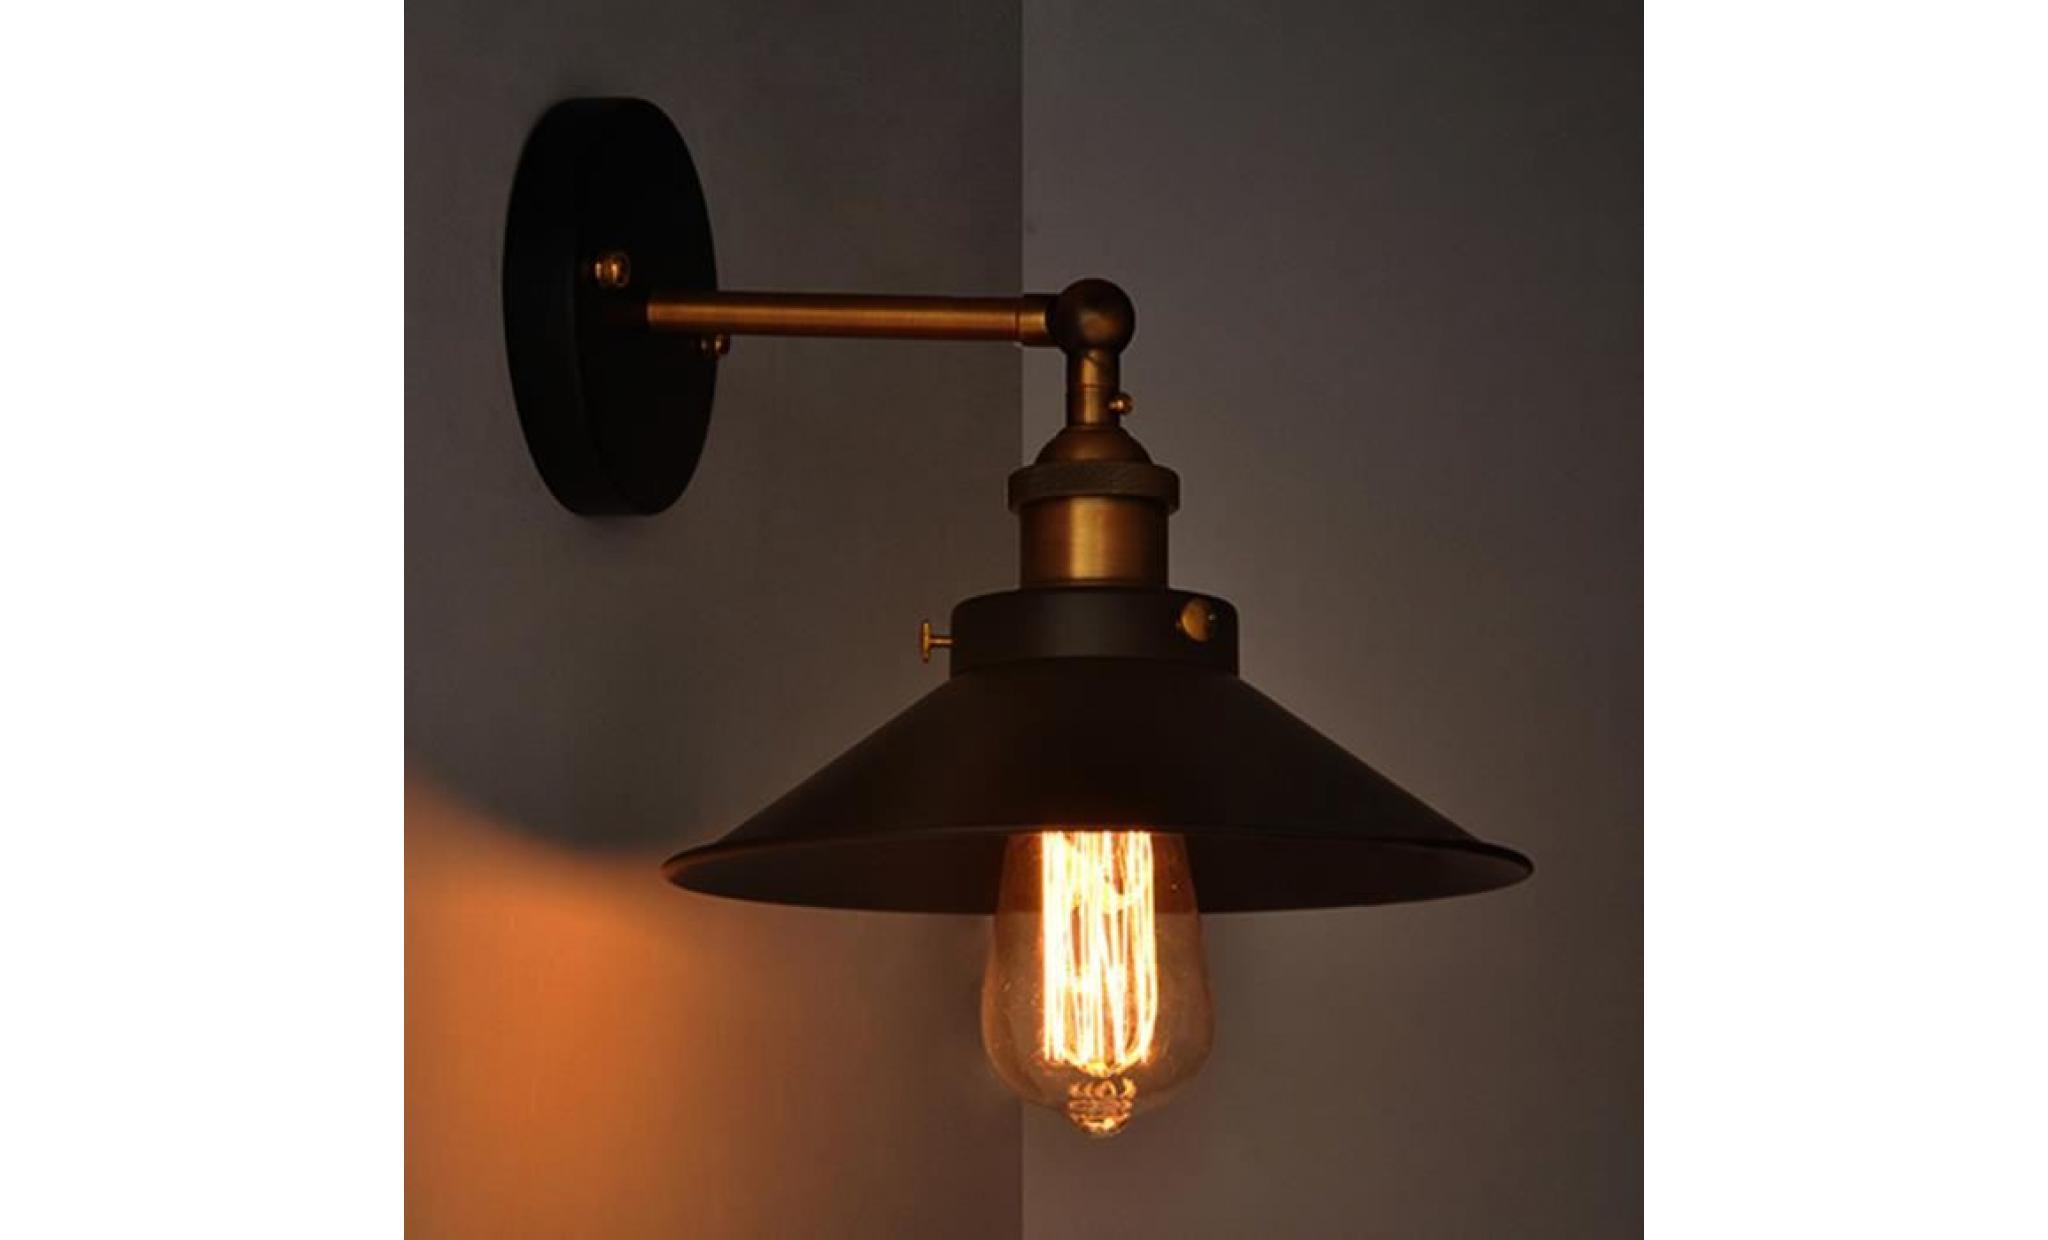 Lampe industrielle black metal umbrella vintage loft mur luminaires